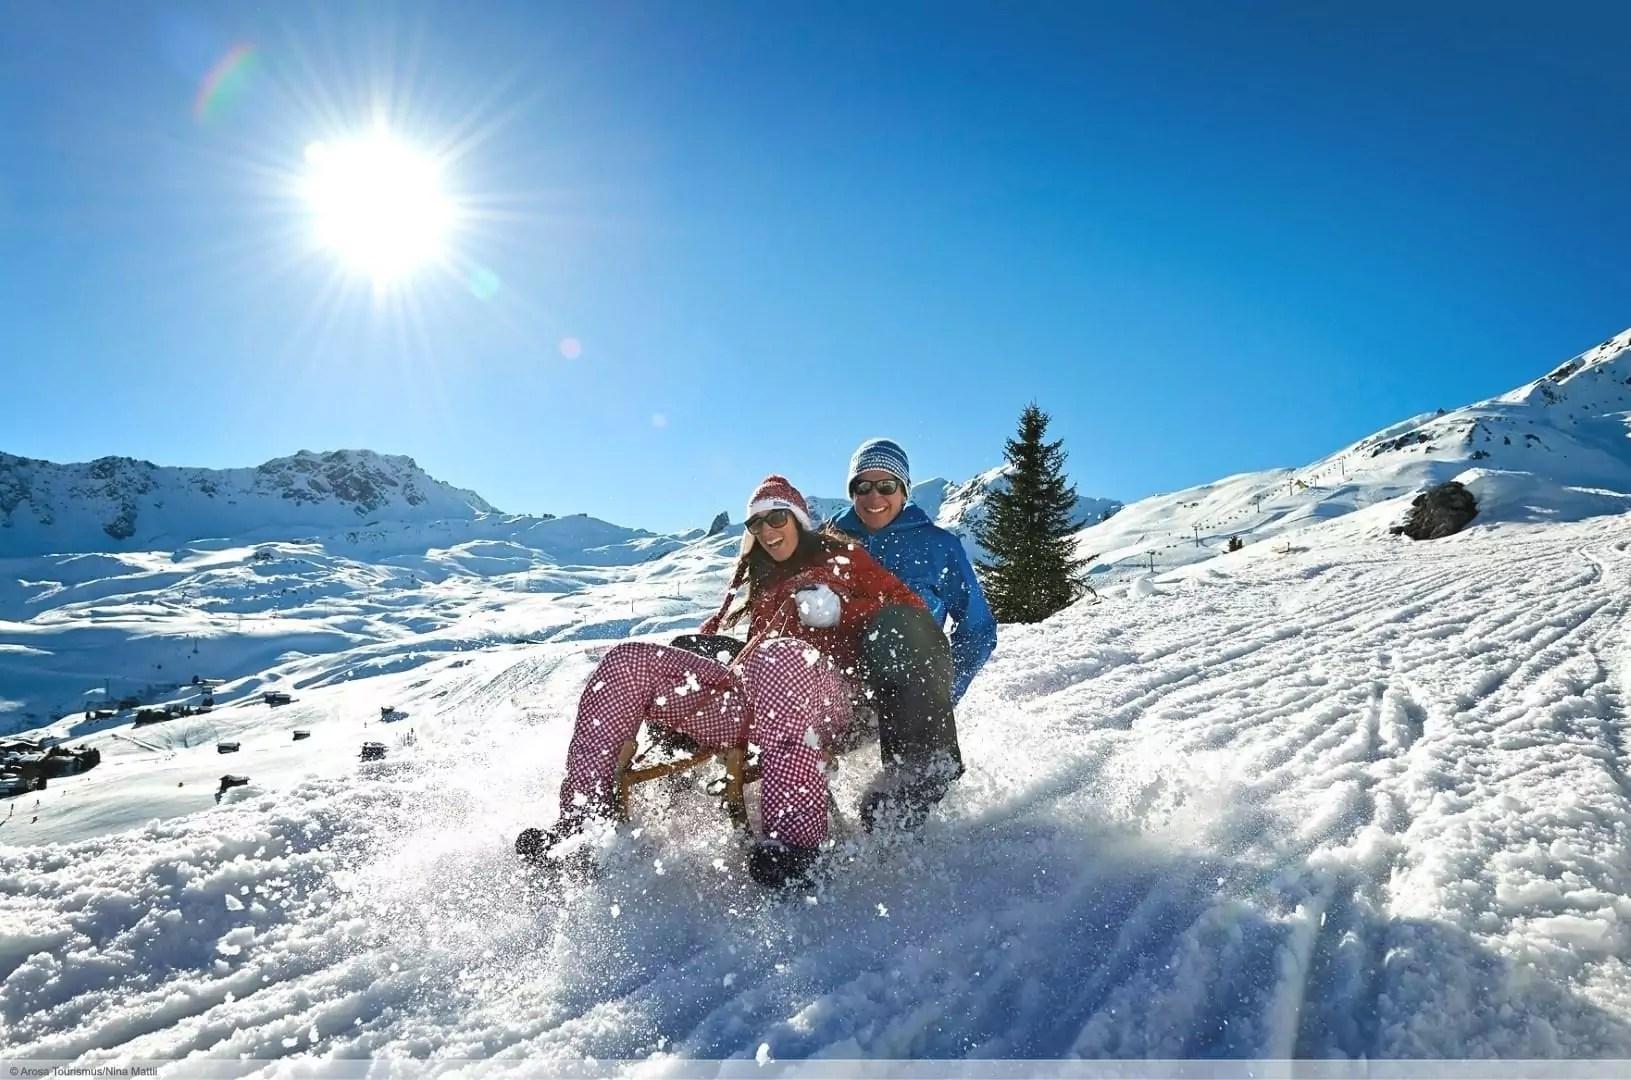 après-ski in Arosa